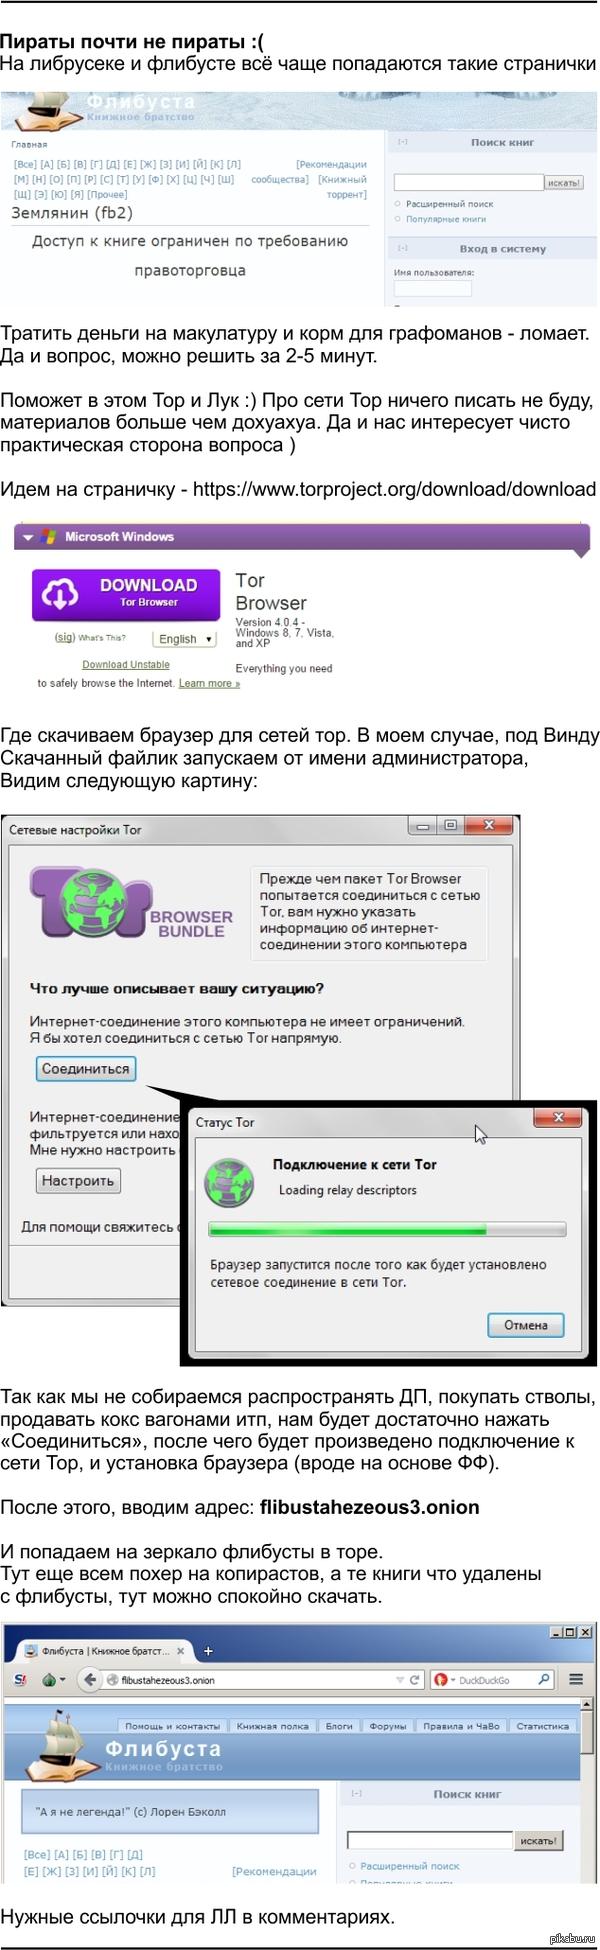 Браузер тор флибуста tor browser сеть hydra2web